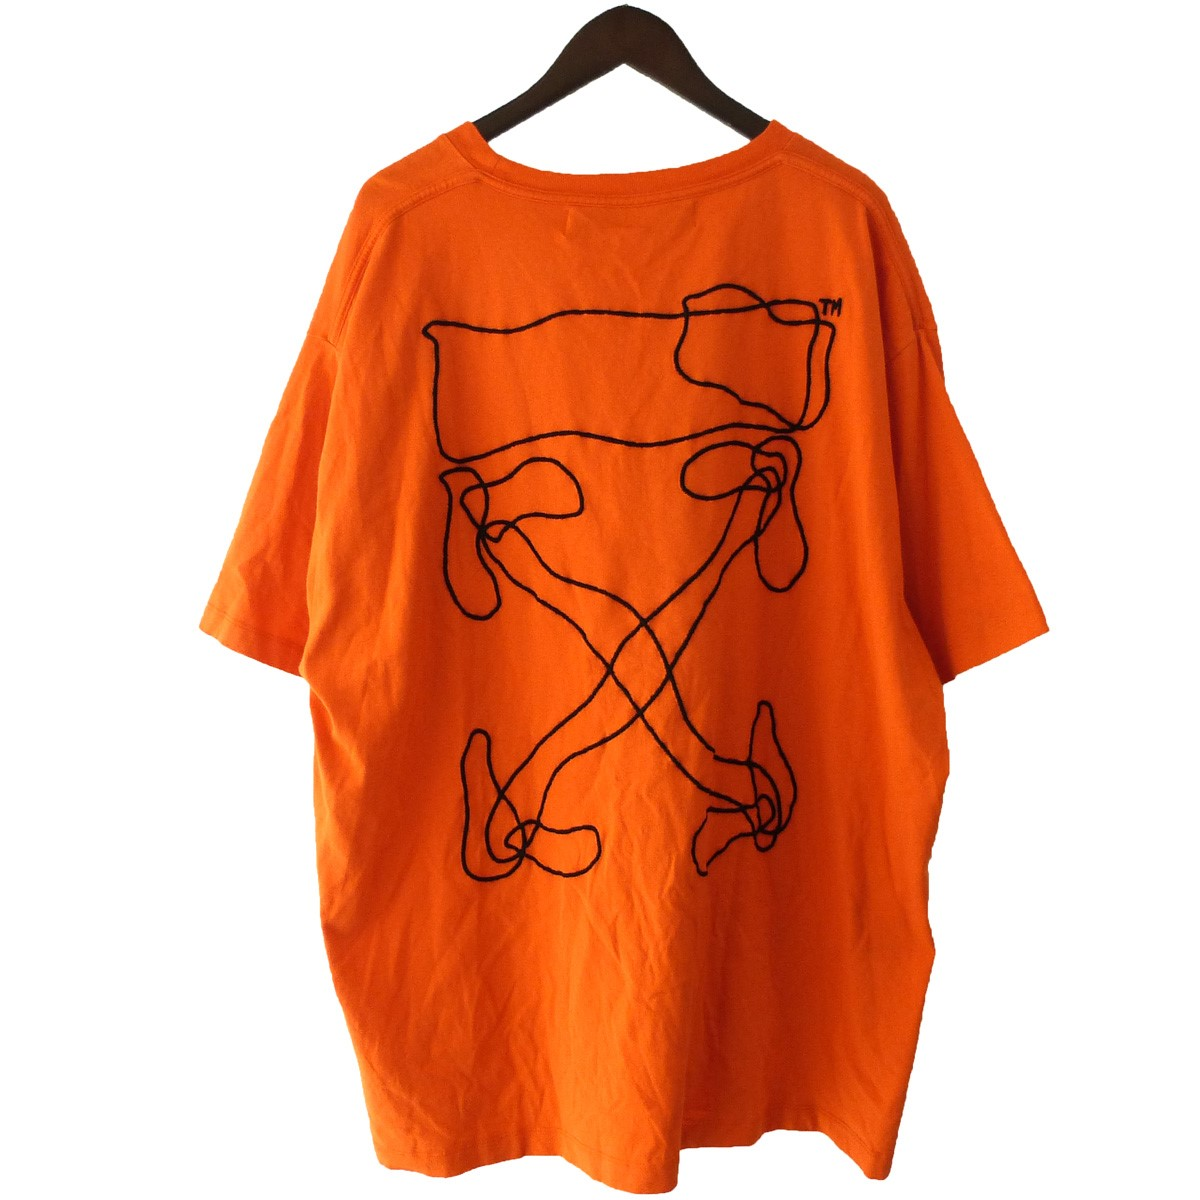 【中古】OFF-WHITE 19AW「ABSTRACT ARROWS OVER TEE」 刺繍オーバーTシャツ オレンジ サイズ:XL 【170420】(オフホワイト)